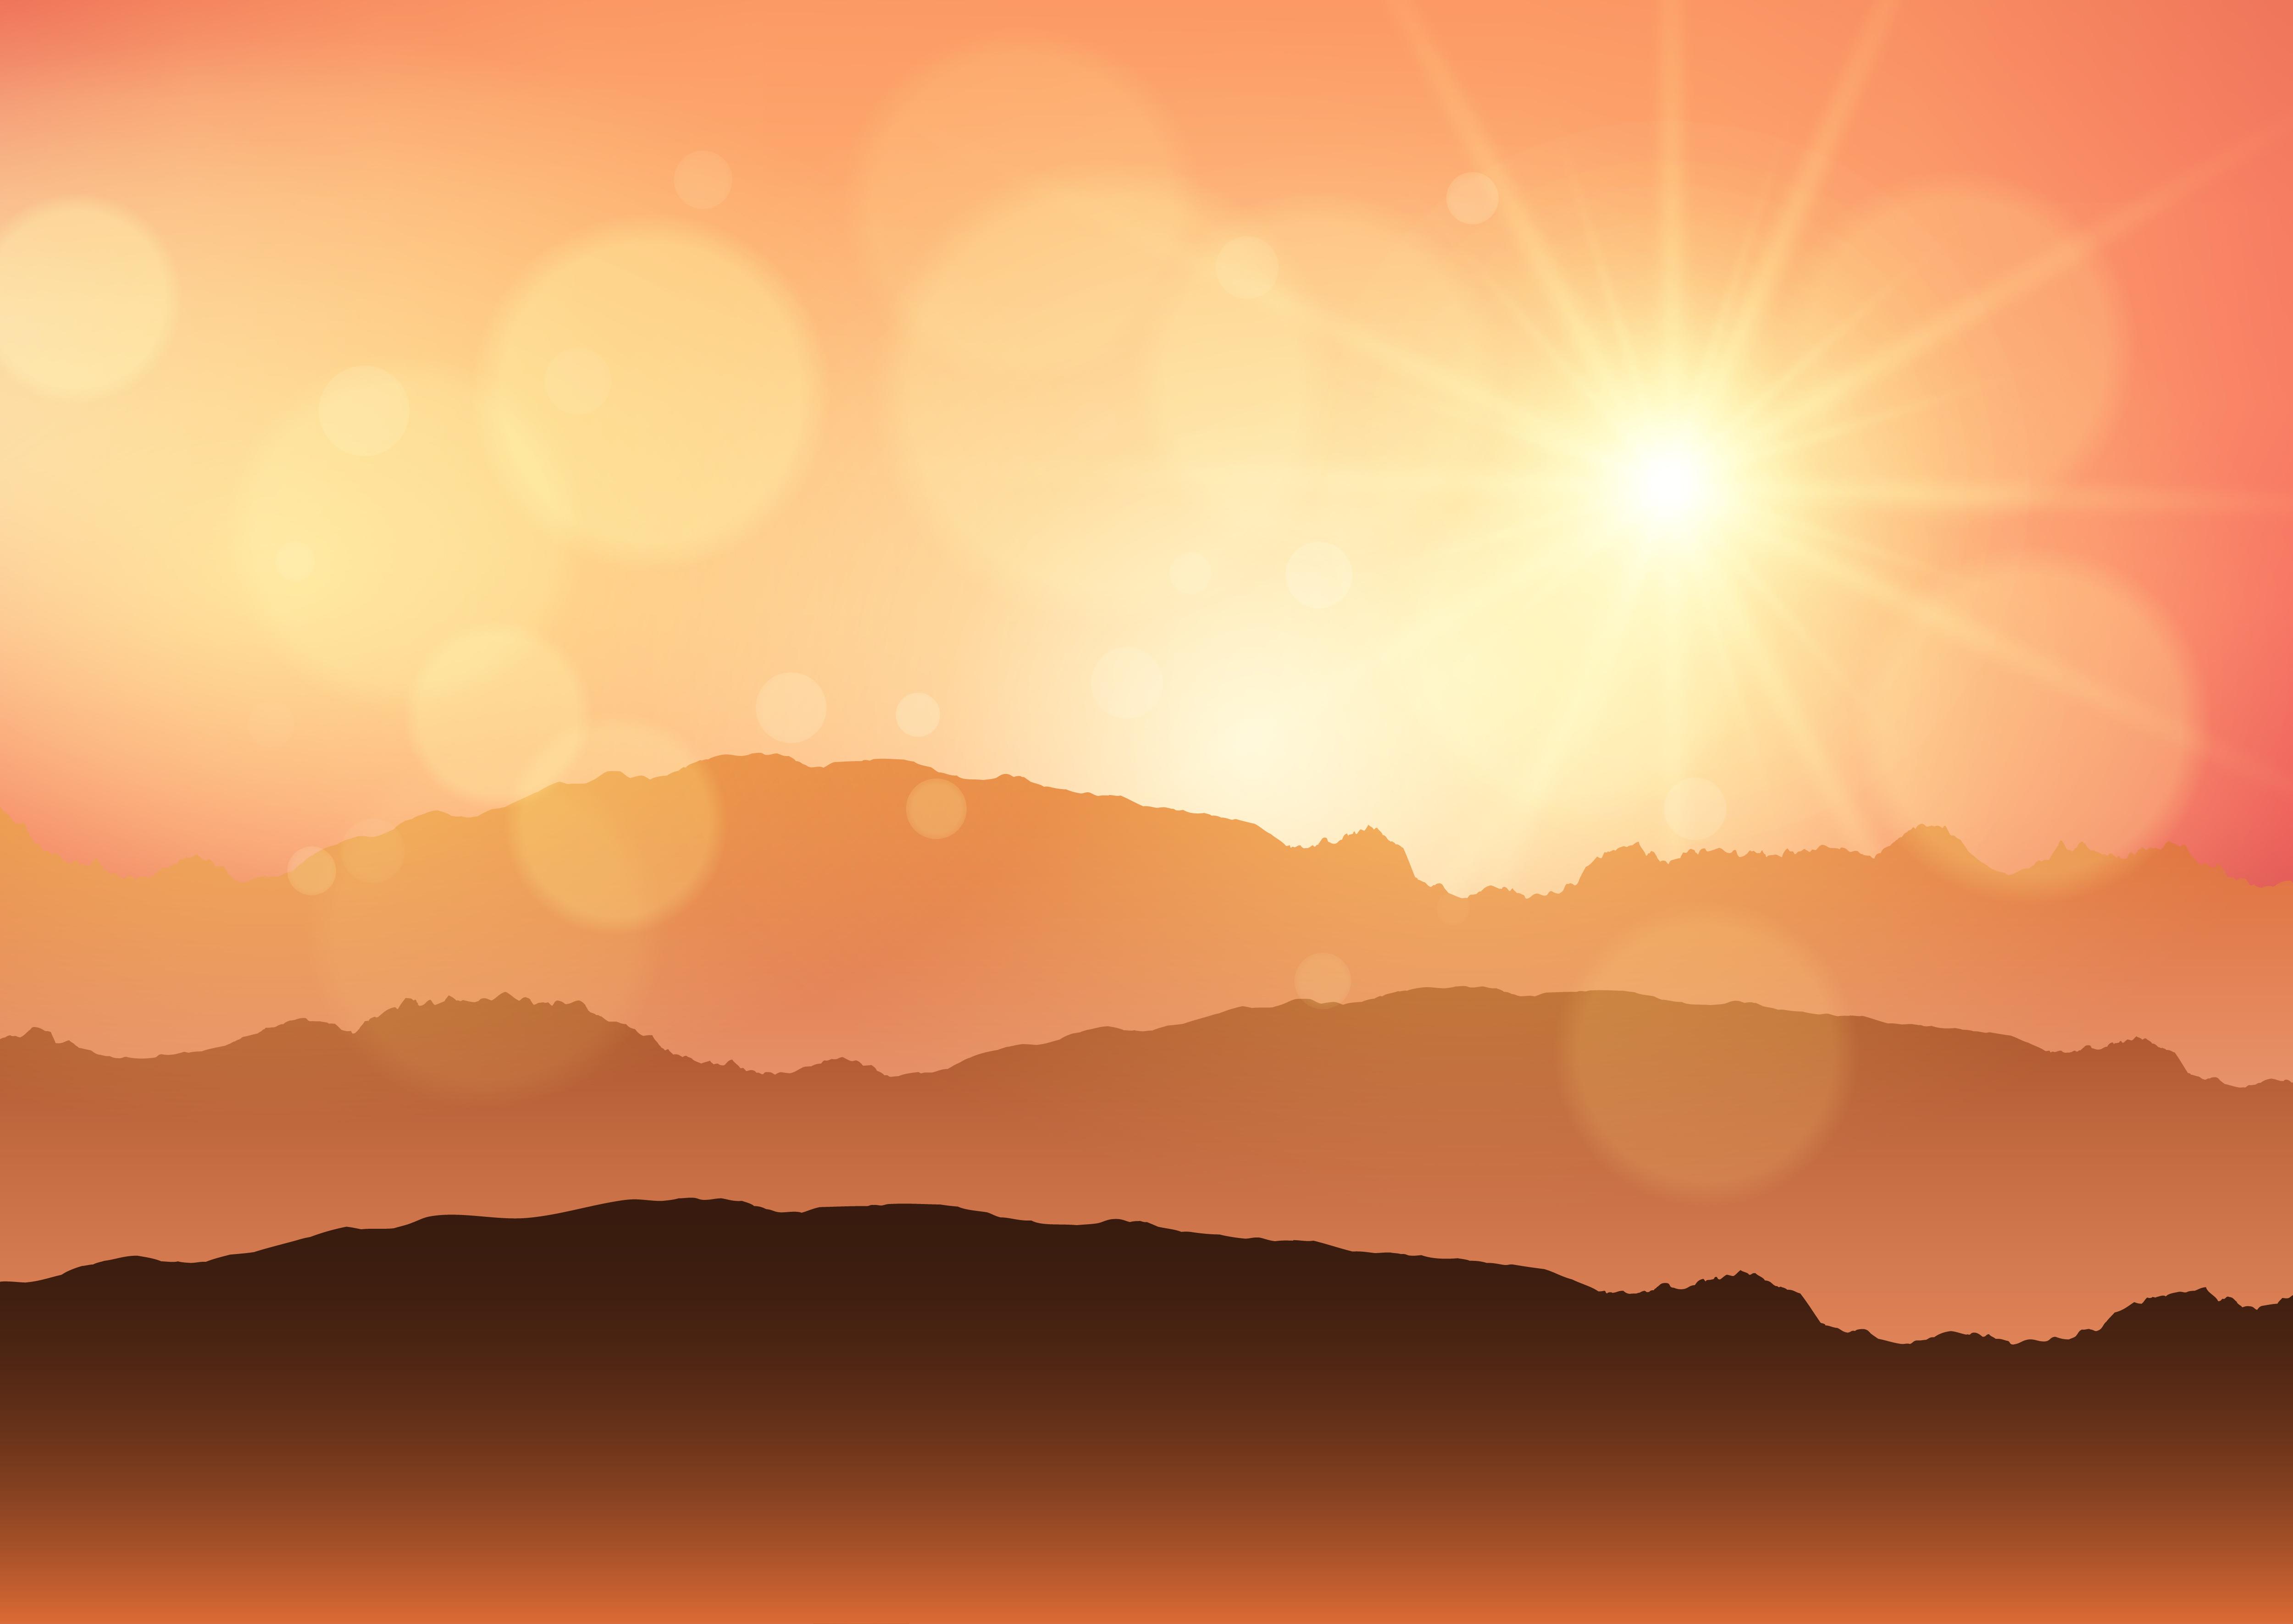 Sunset Landscape Download Free Vectors Clipart Graphics